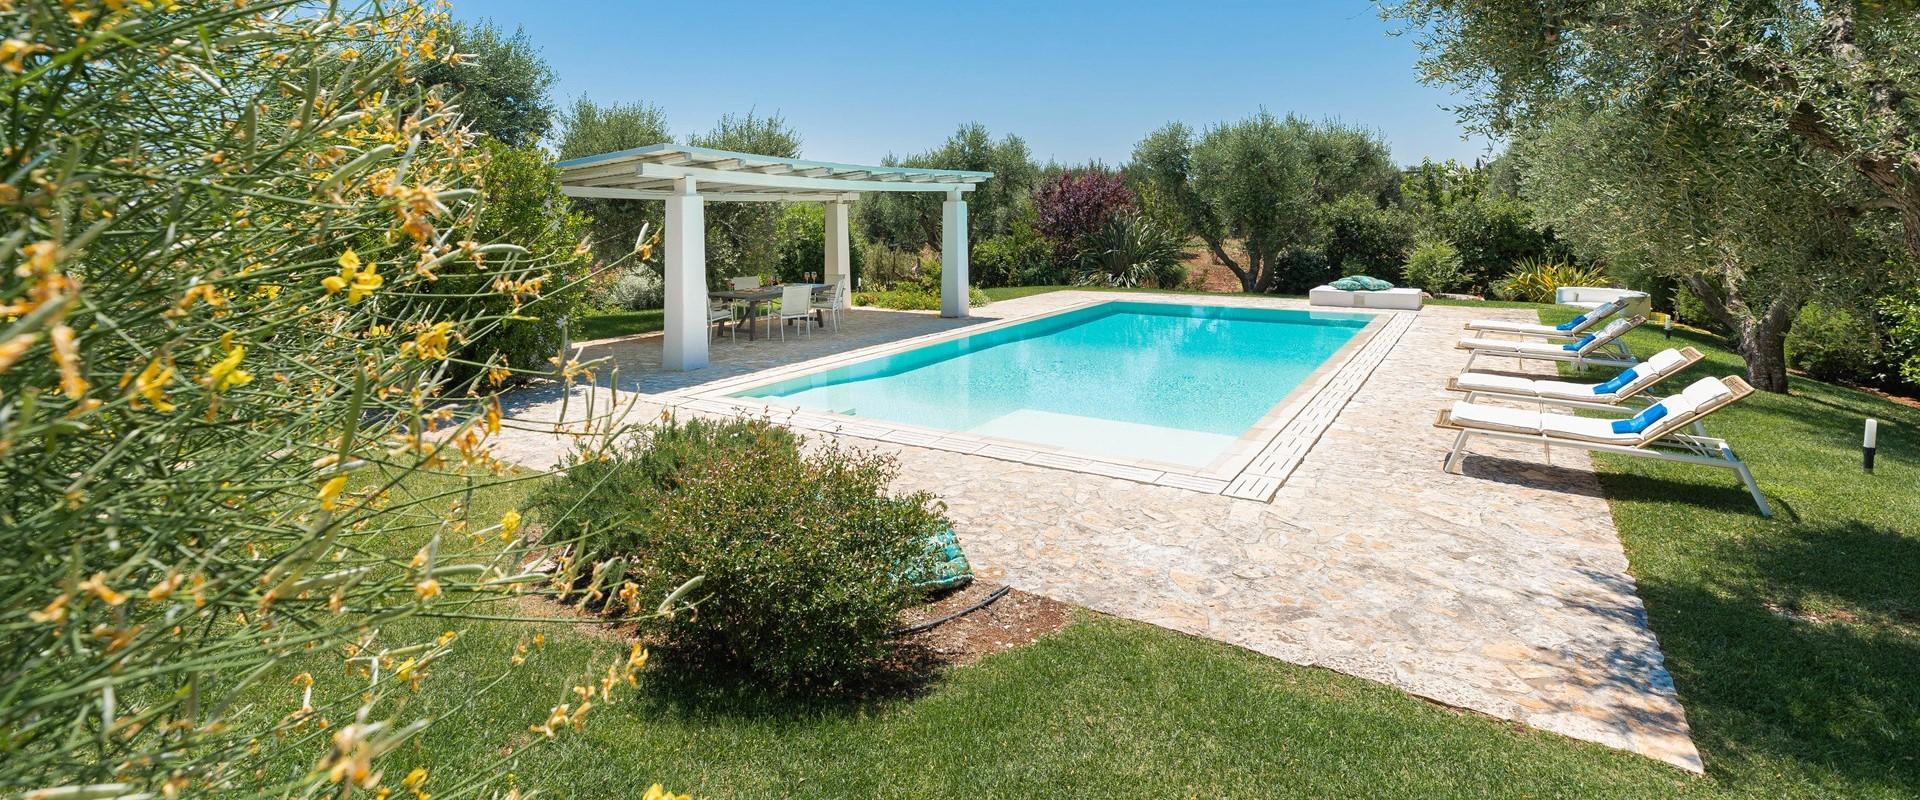 luxury-3-bedroom-villa-puglia-itlay